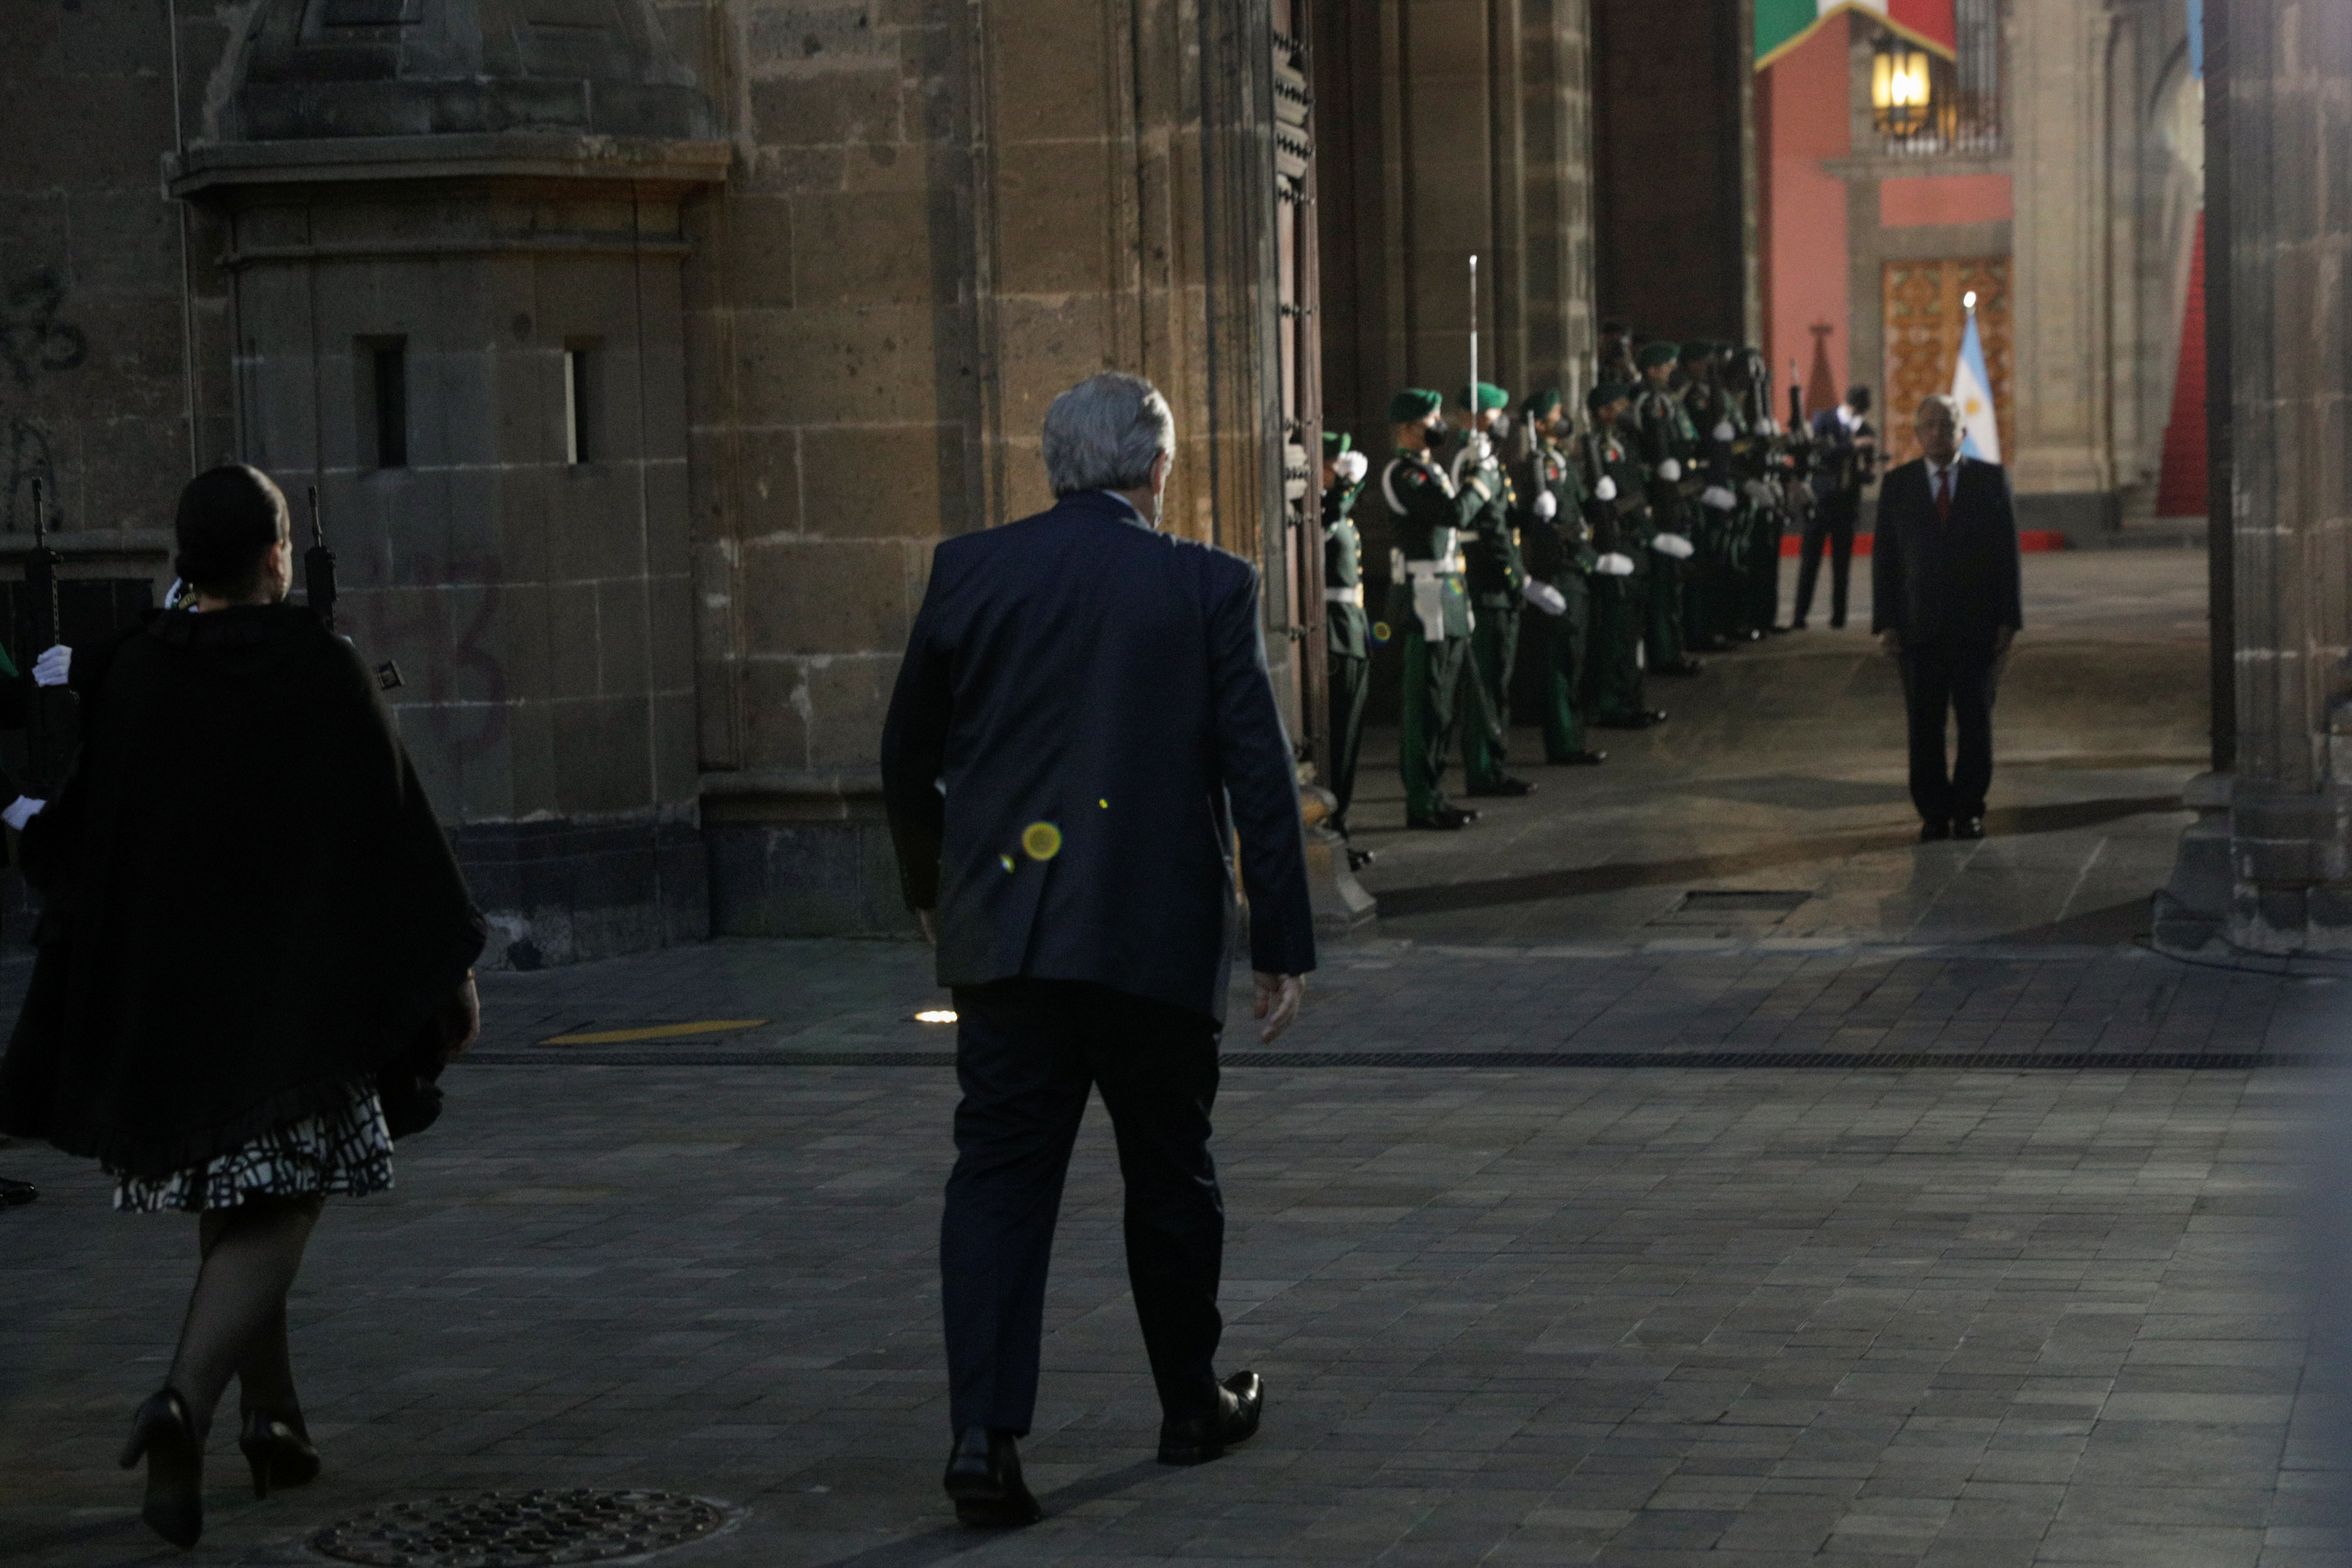 Palacio Nacional, Ciudad de México, 23 de febrero de 2021.